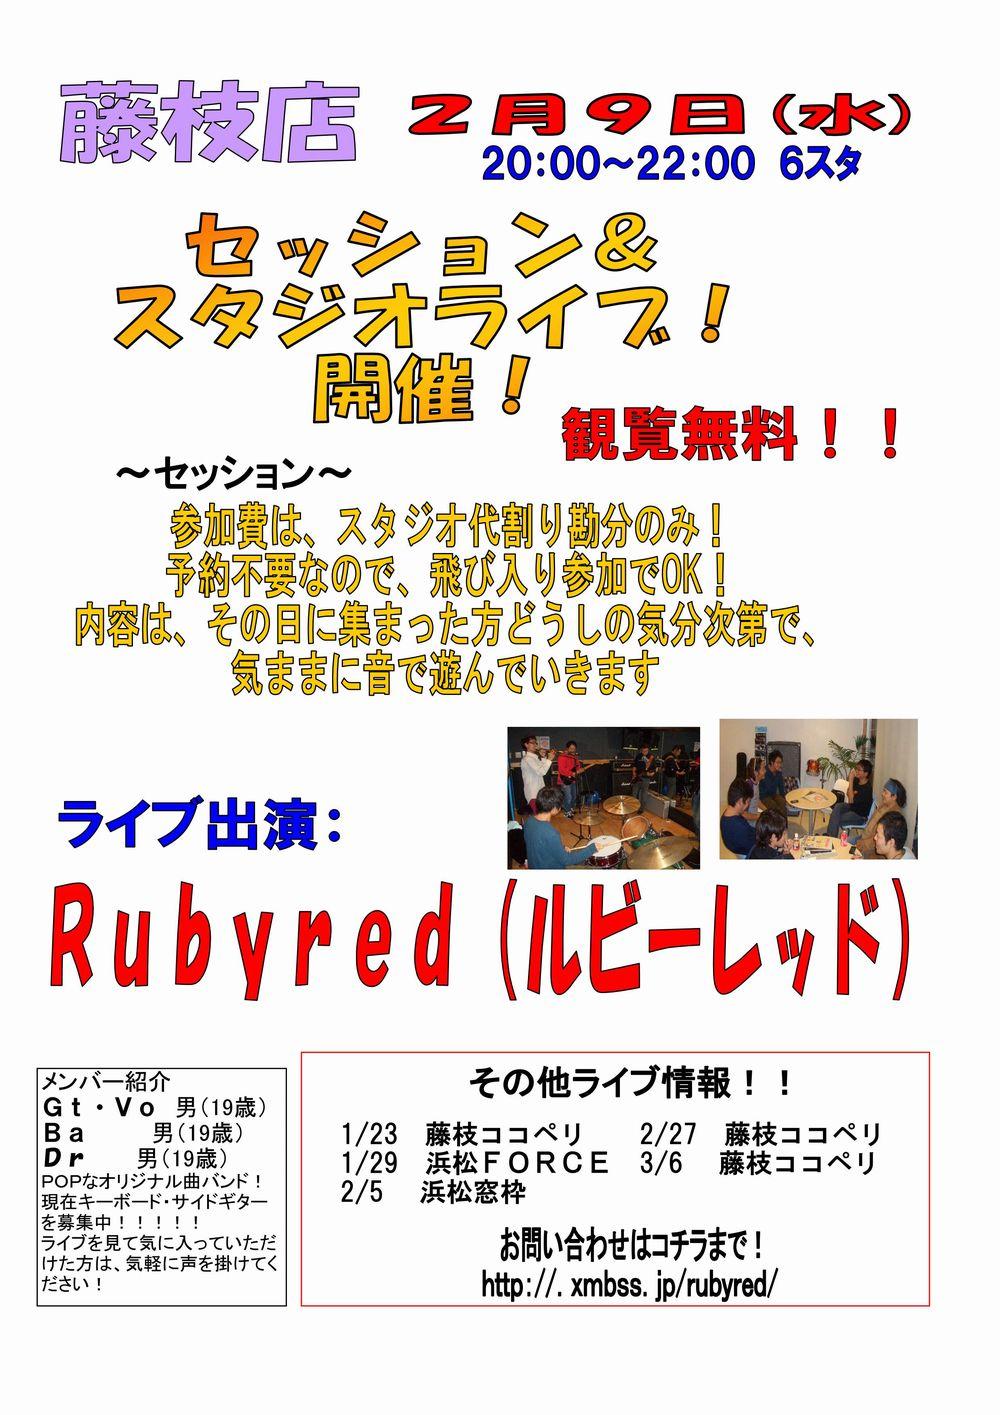 音楽天国・藤枝店のセッション天国&スタジオライブ